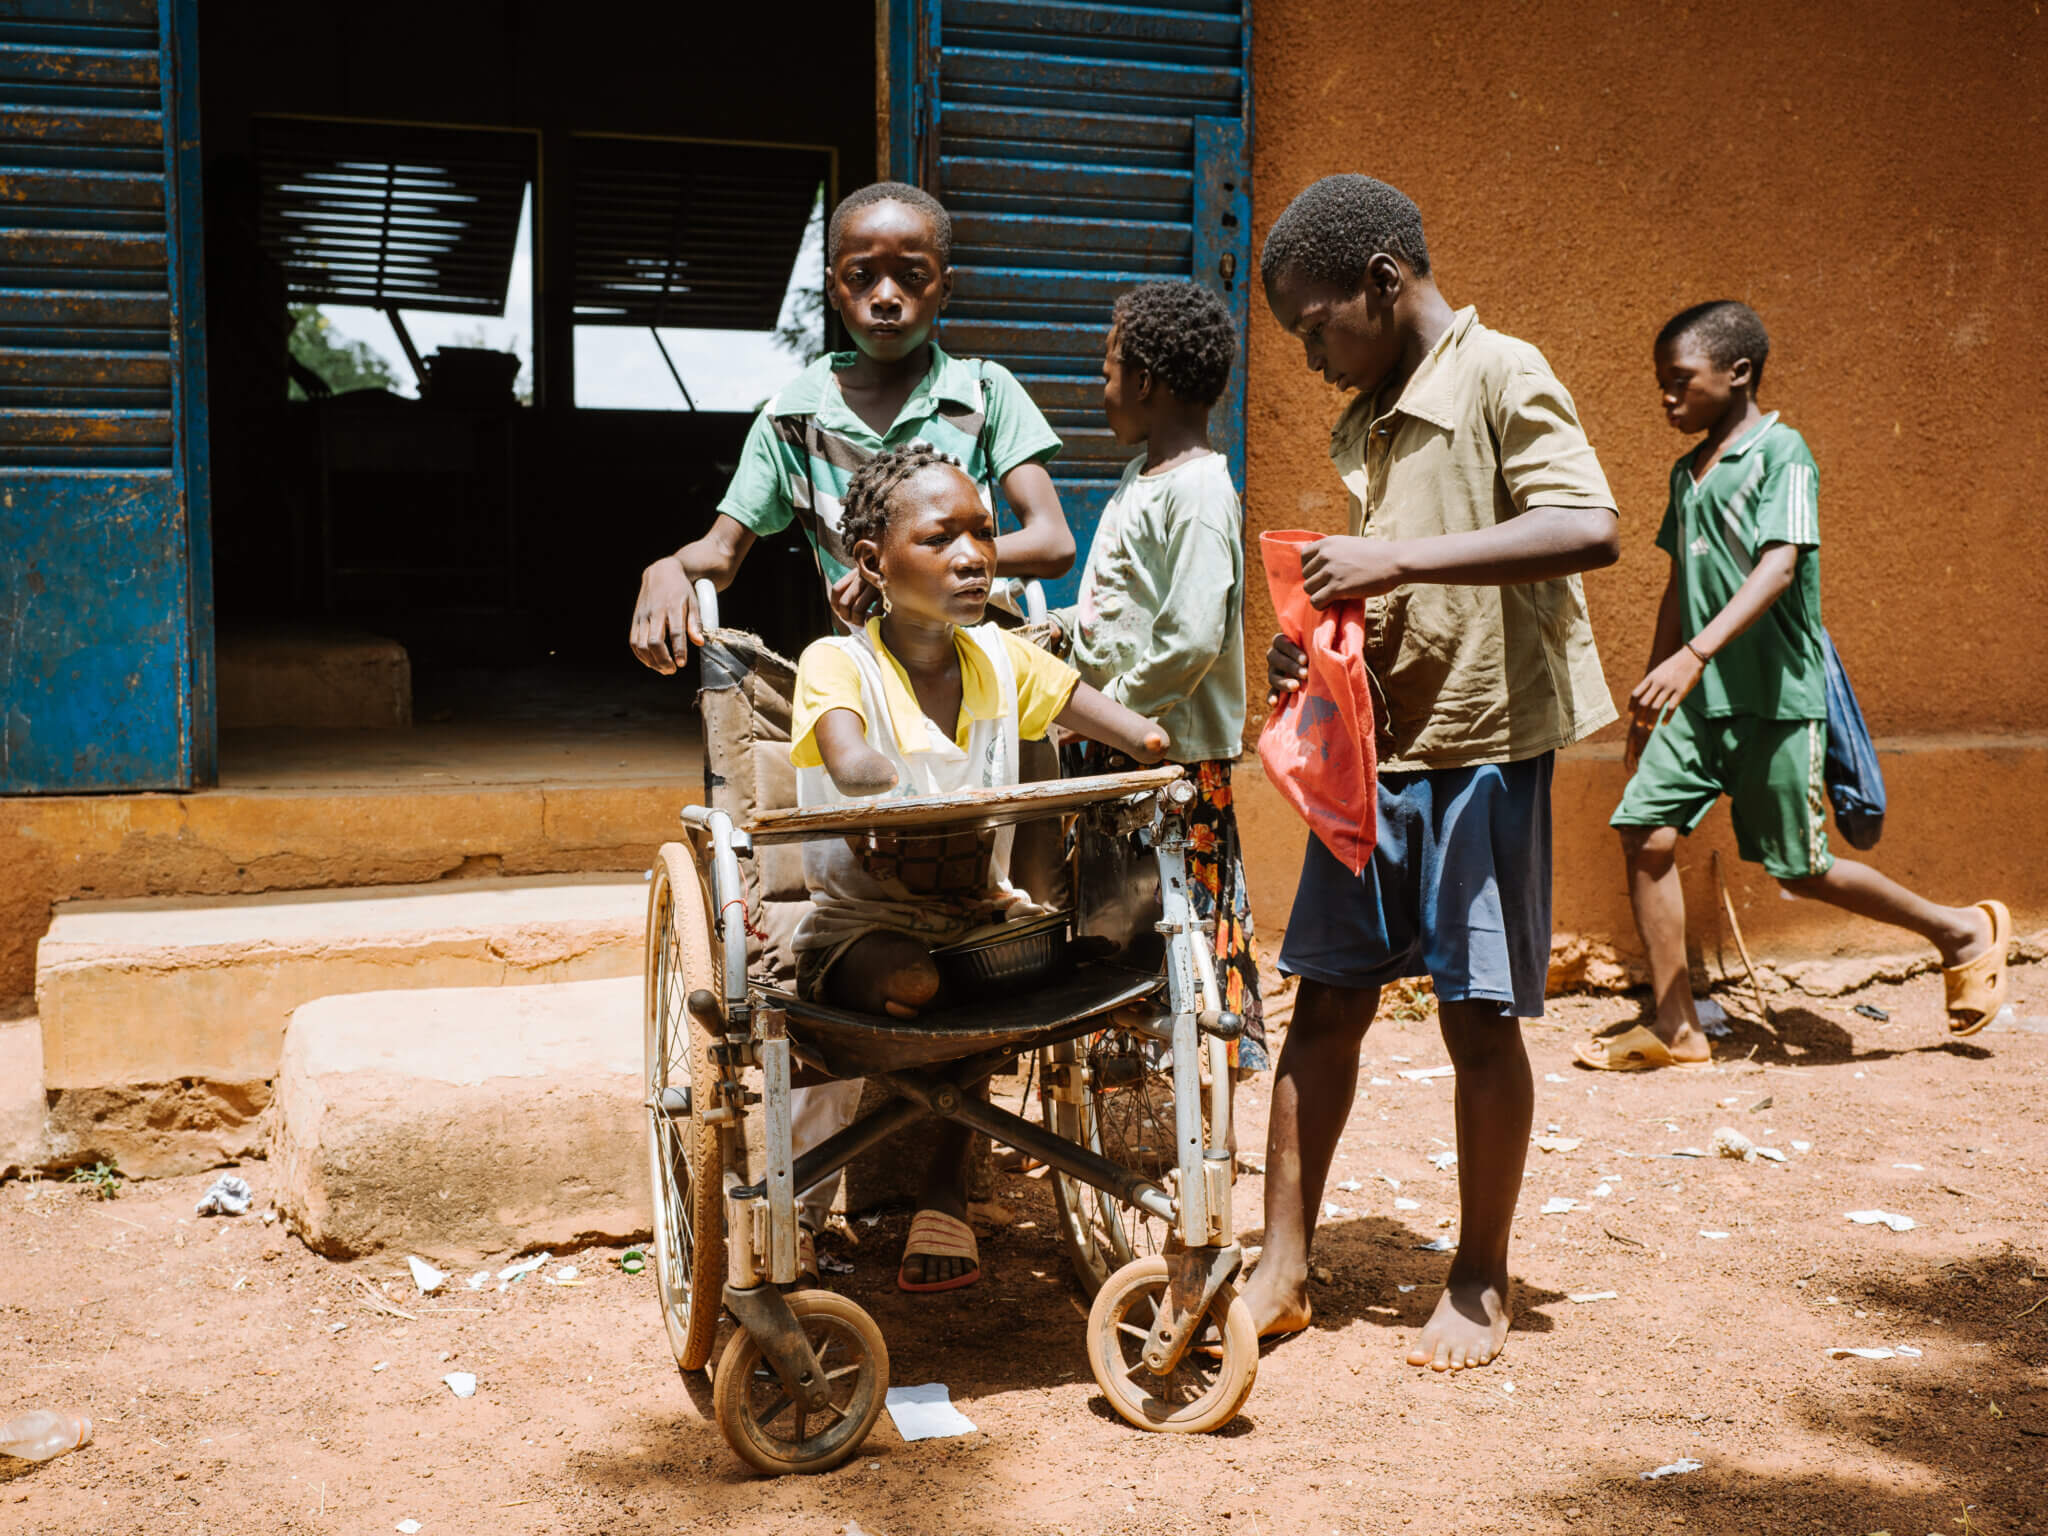 Ein junger Bursch schiebt einen Rollstuhl, indem ein Mädchen mit Behinderung sitzt. Sie trägt goldene Ohrringe, eine weiß-gelbes T-Shirt und blickt in die Weite.